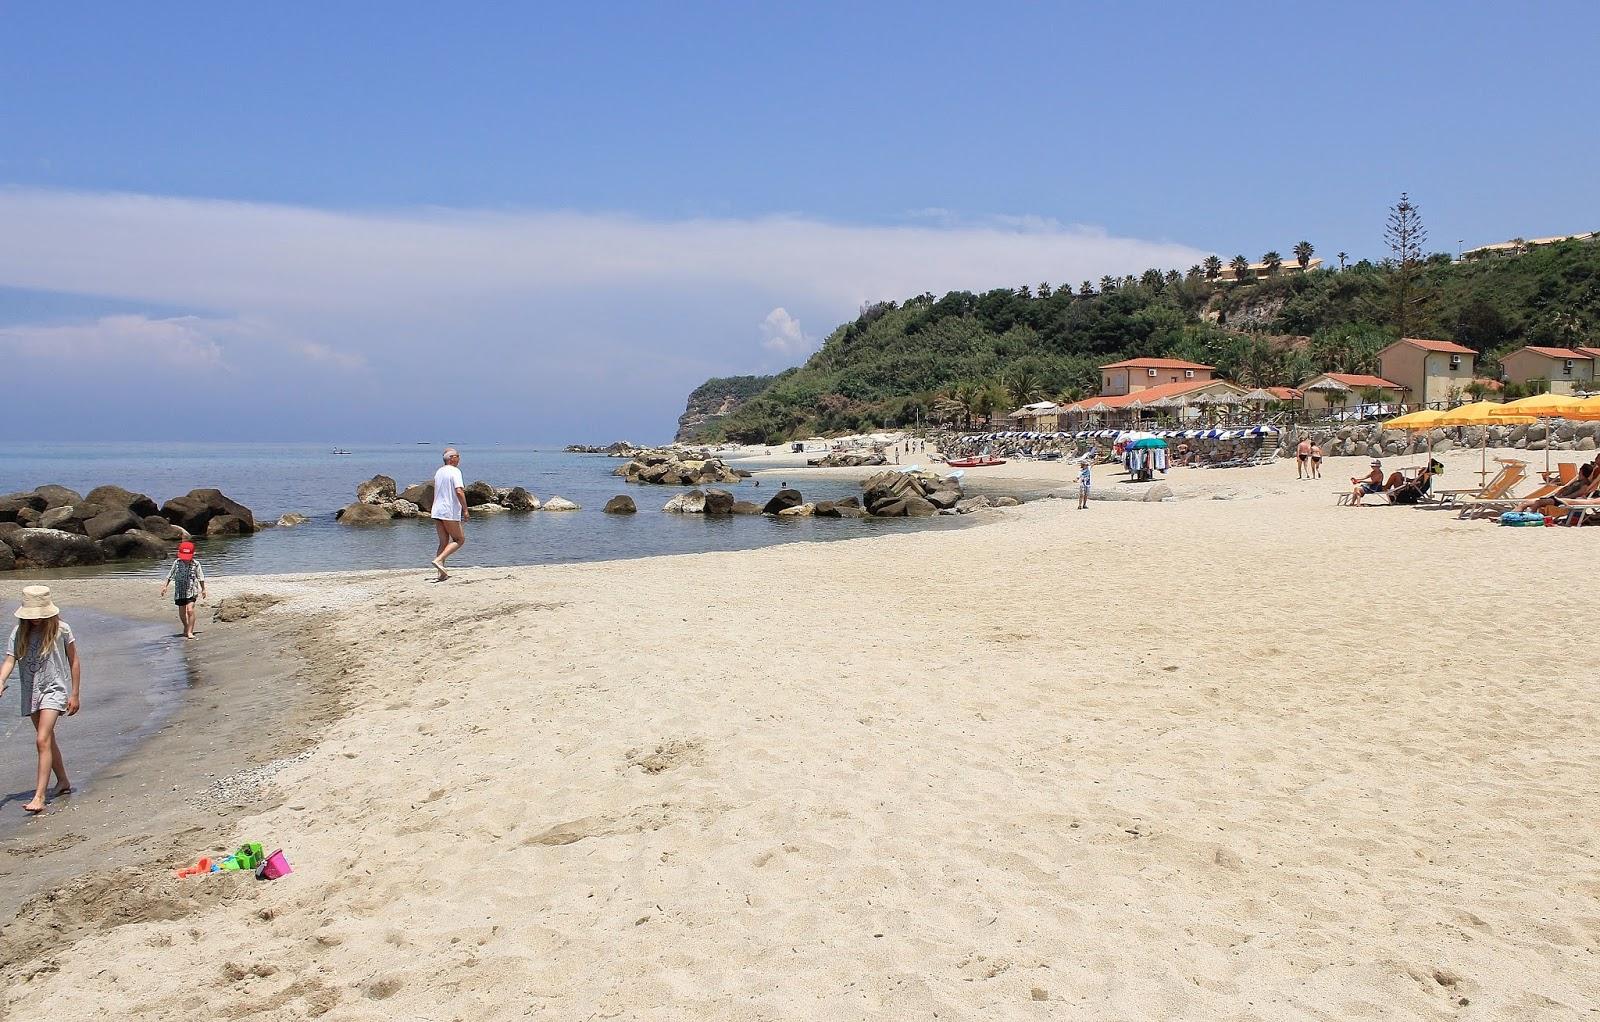 Plaża Kalabria, Włochy